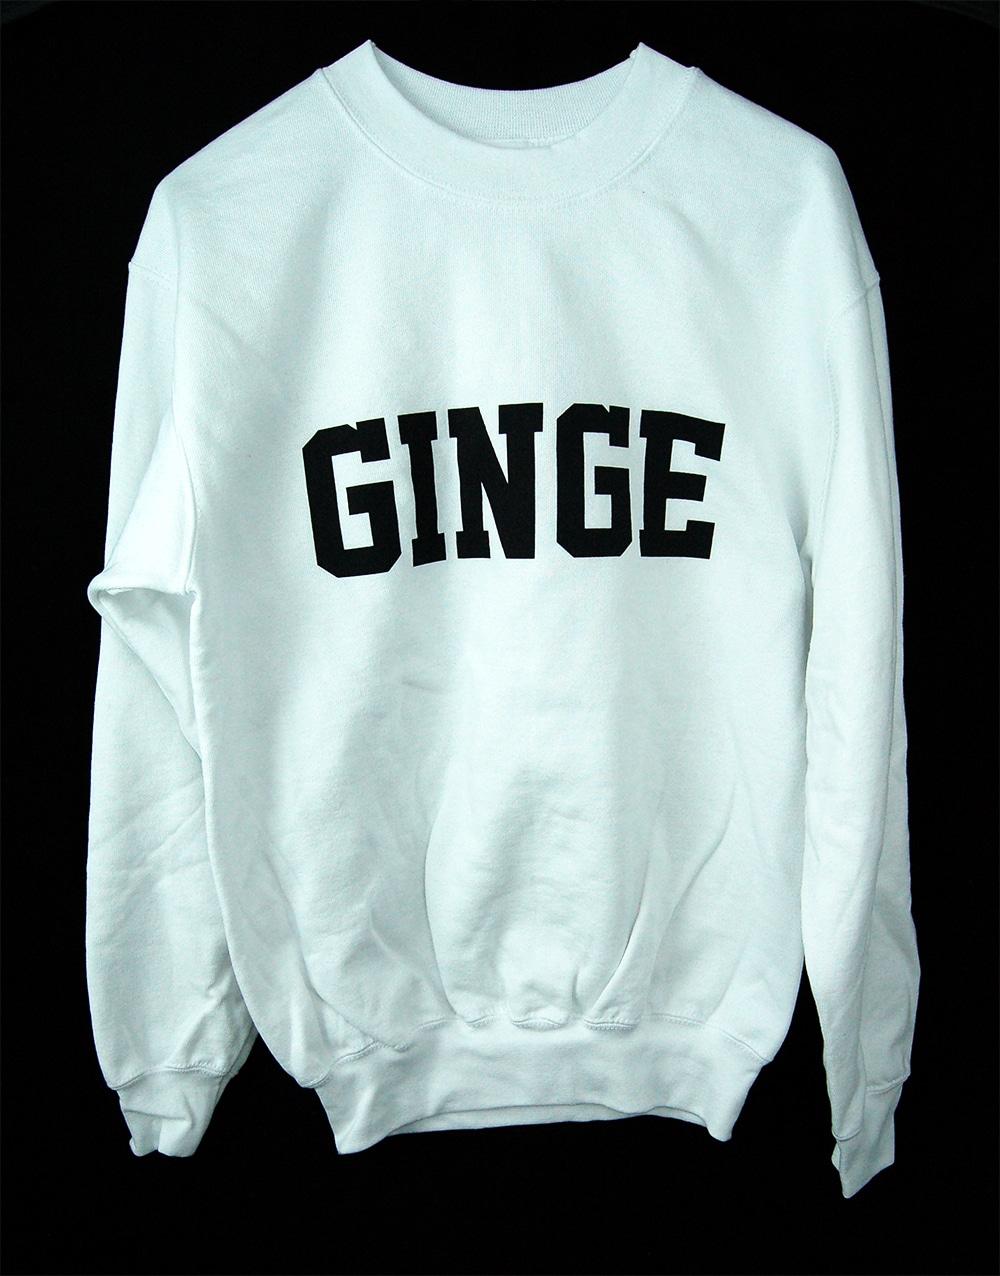 GINGE sweatshire